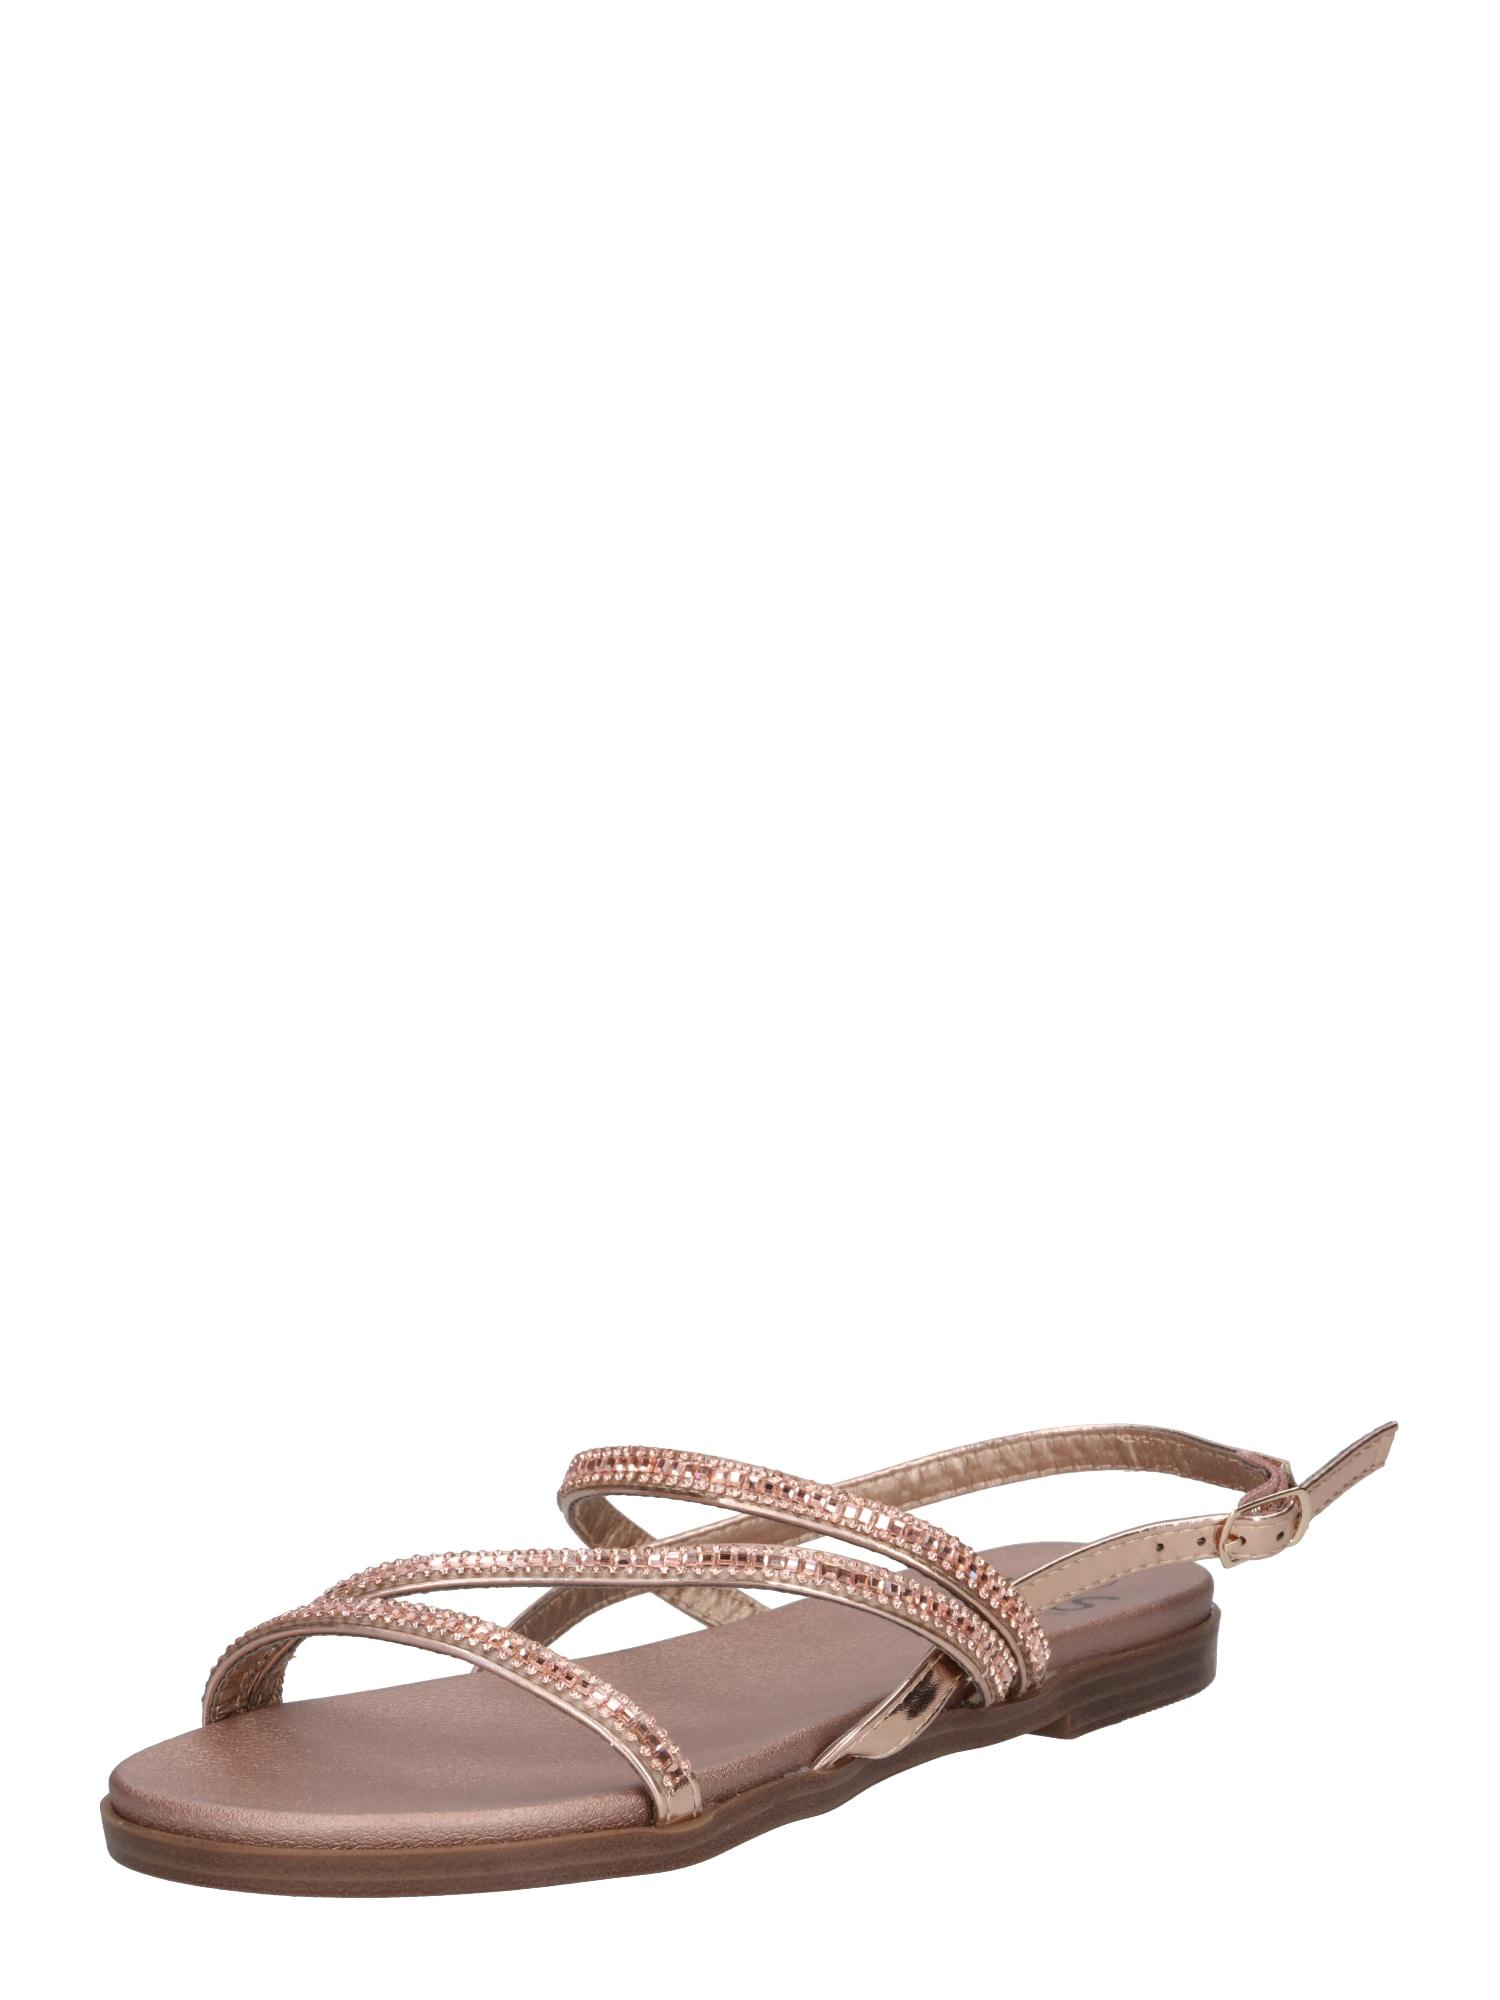 Páskové sandály zlatá růže H.I.S